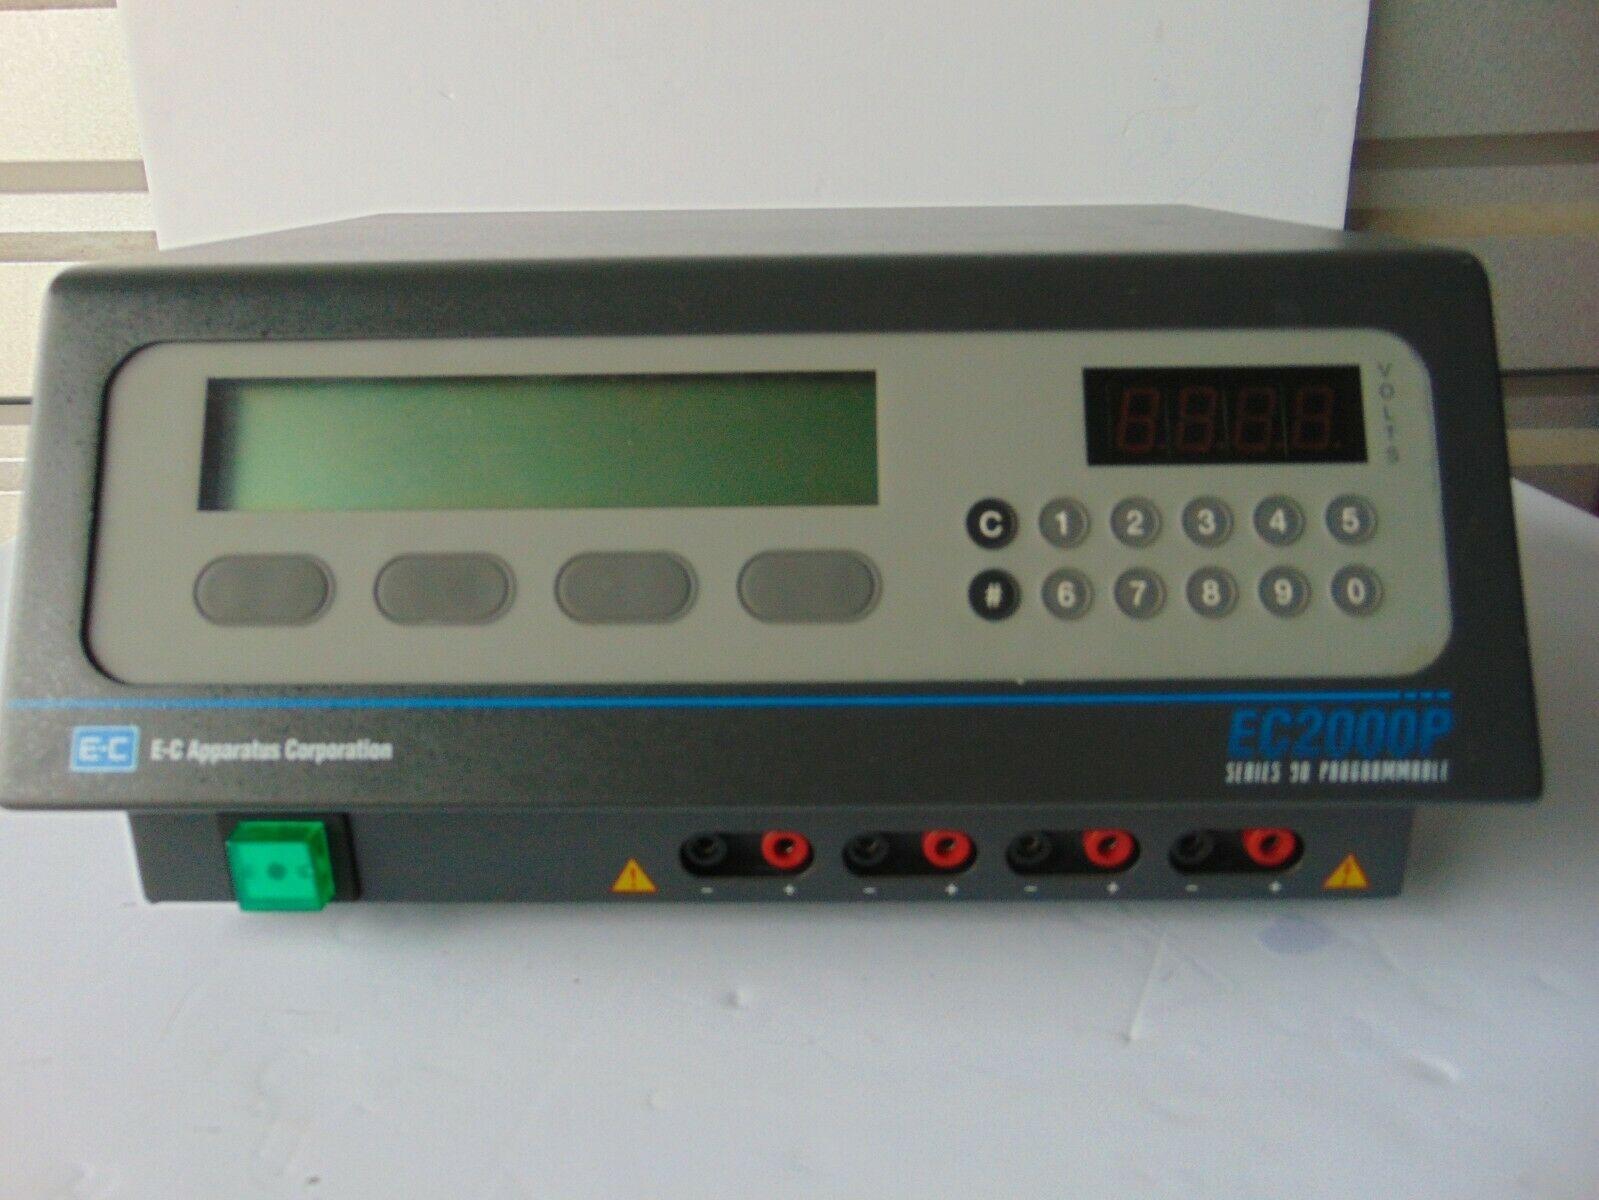 EC Apparatus Corporation EC 2000P Power Supply